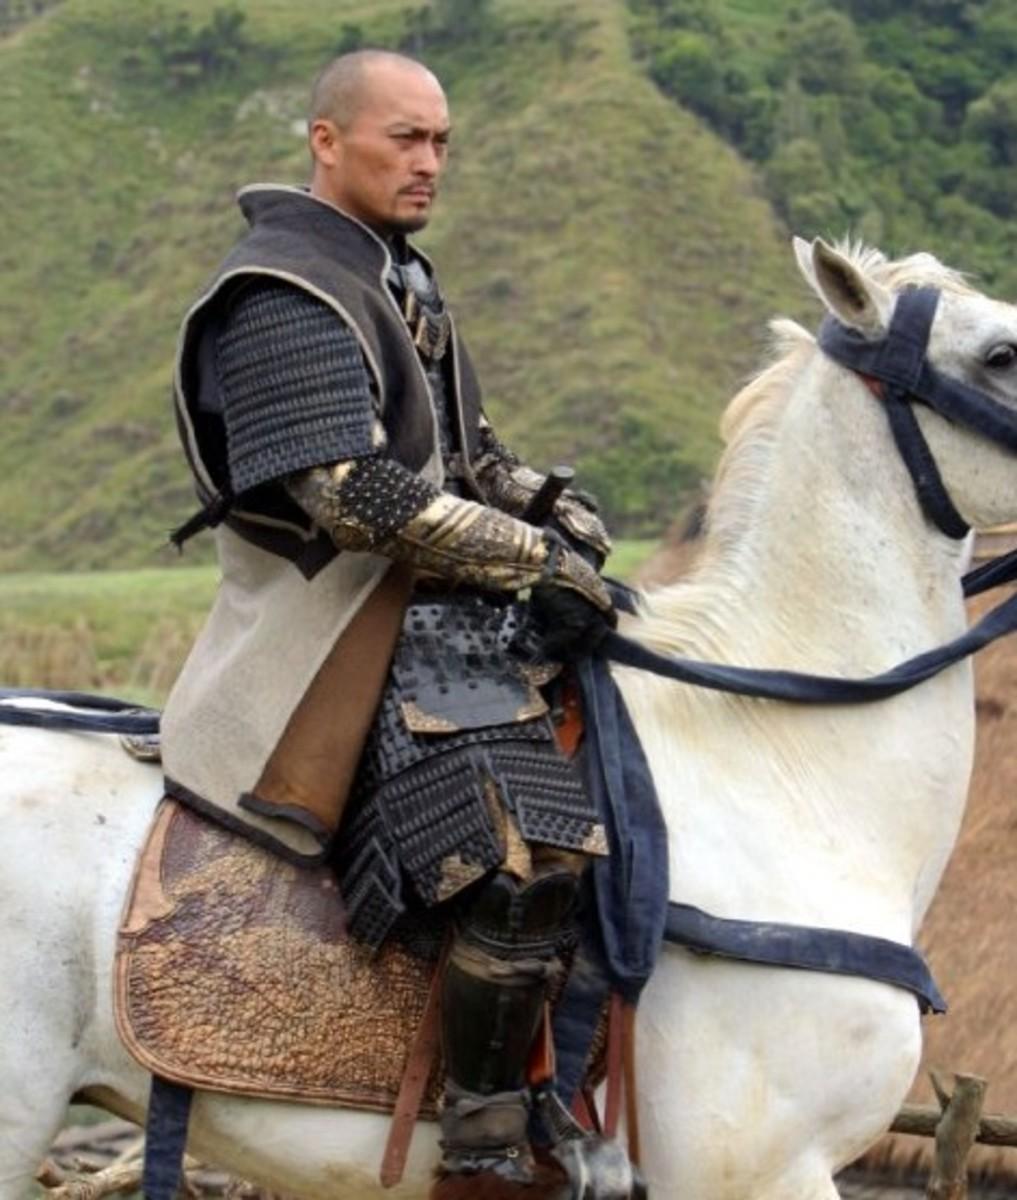 the-film-the-last-samurai